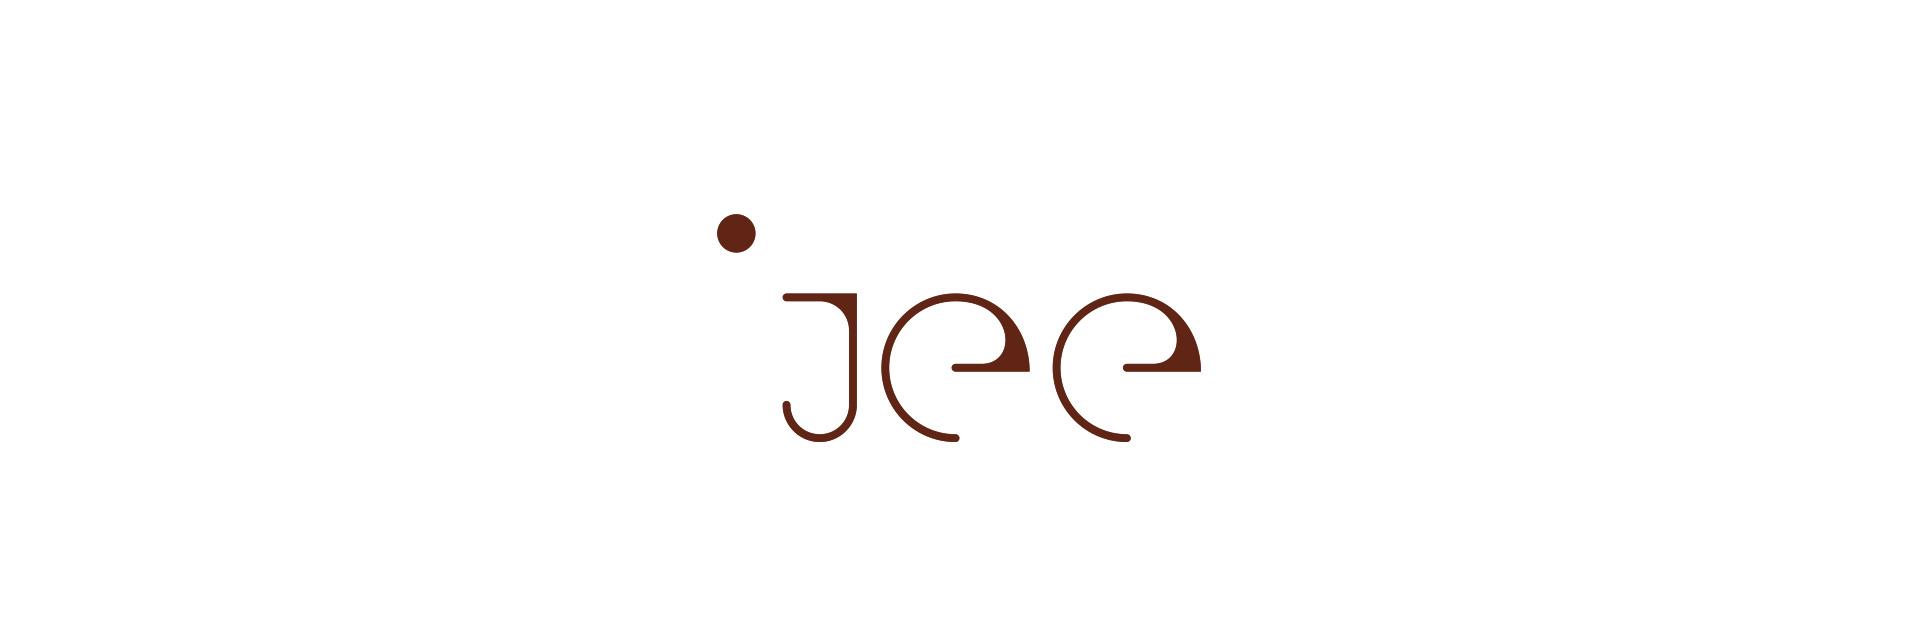 Jeecafe6